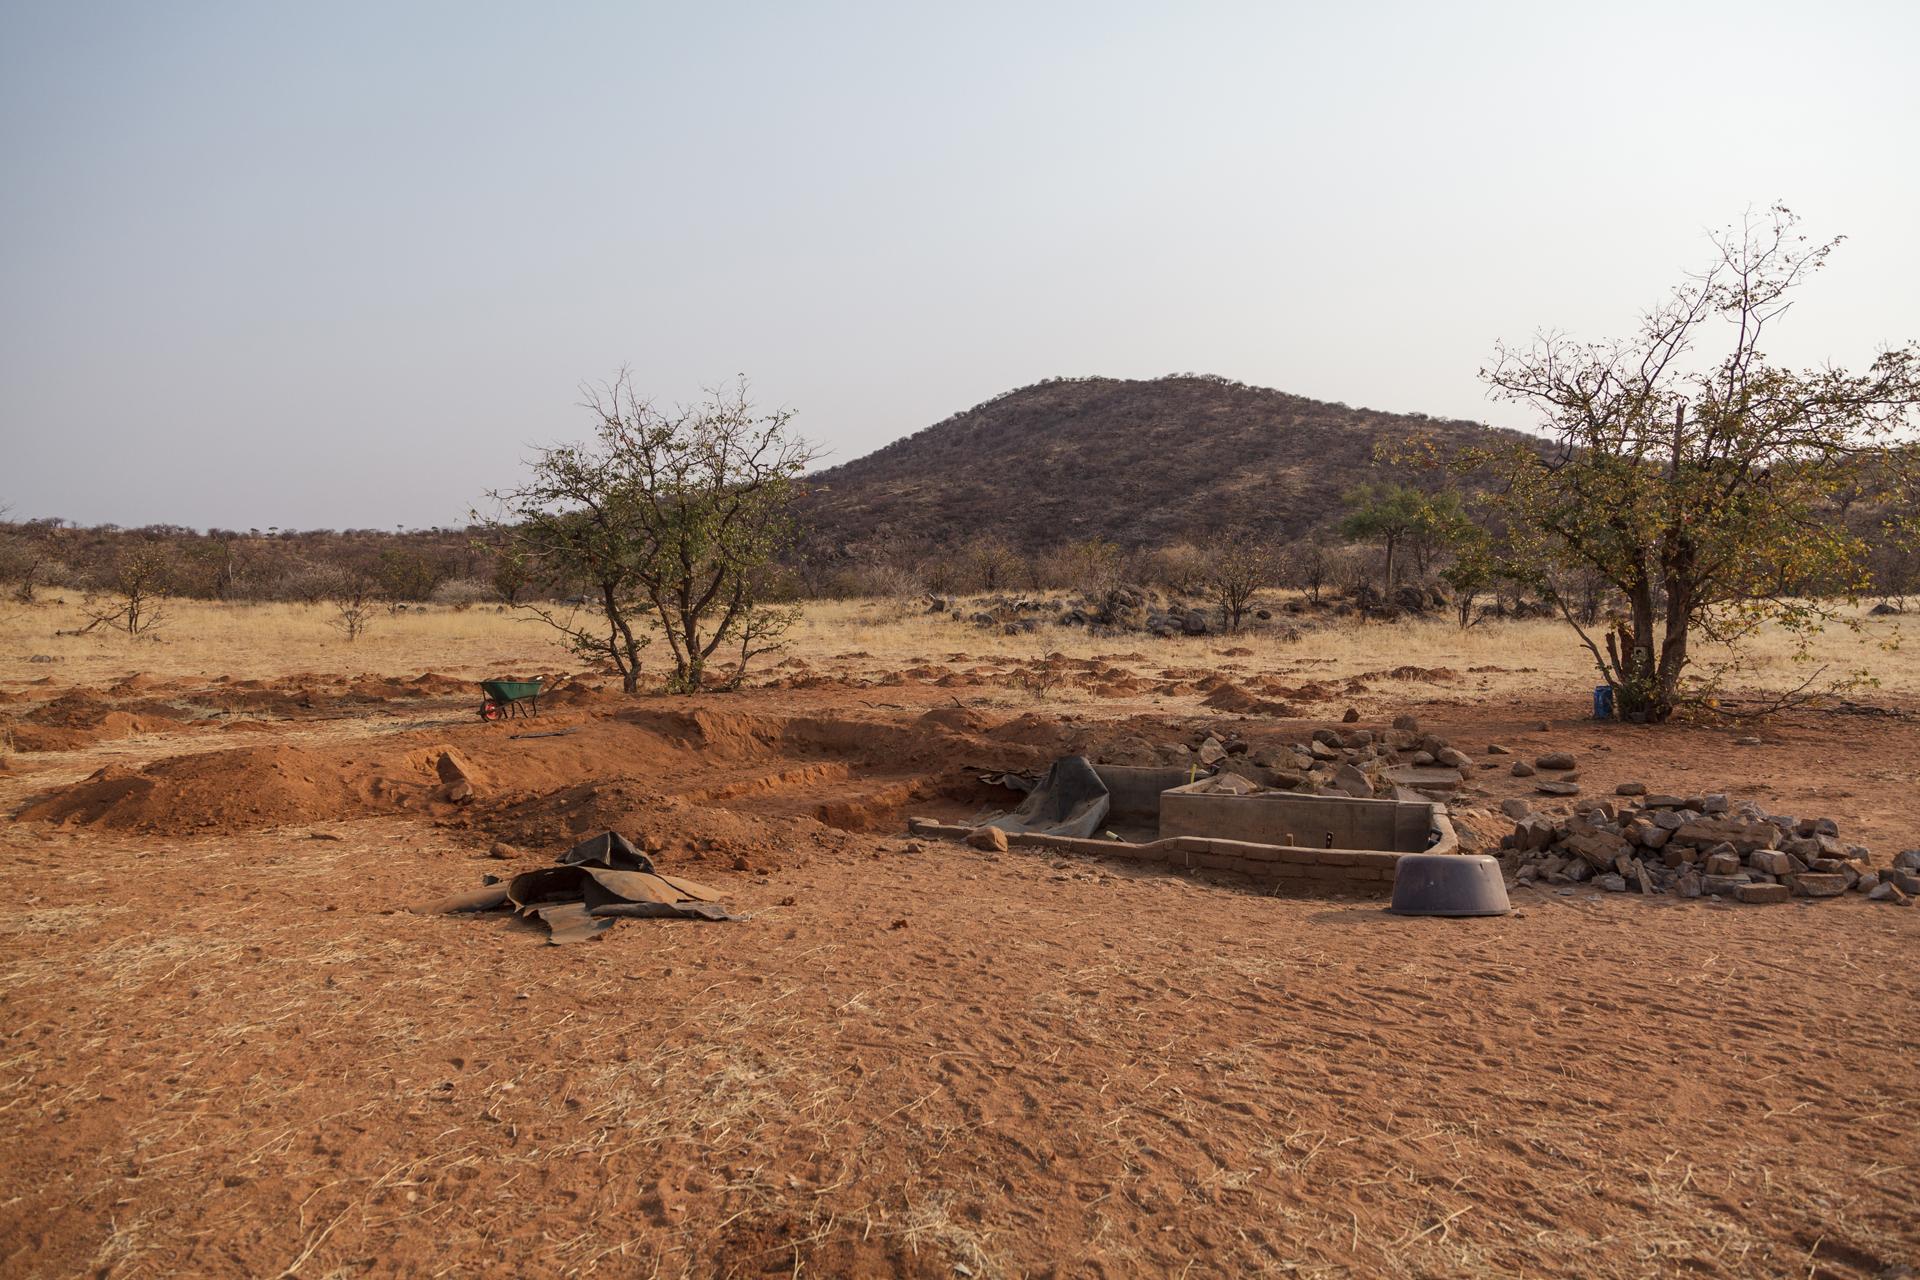 Sanierung der Wildtier-Wasserstelle im Kunenegebiet in Namibia 2017, © Foto: Eva Bauer